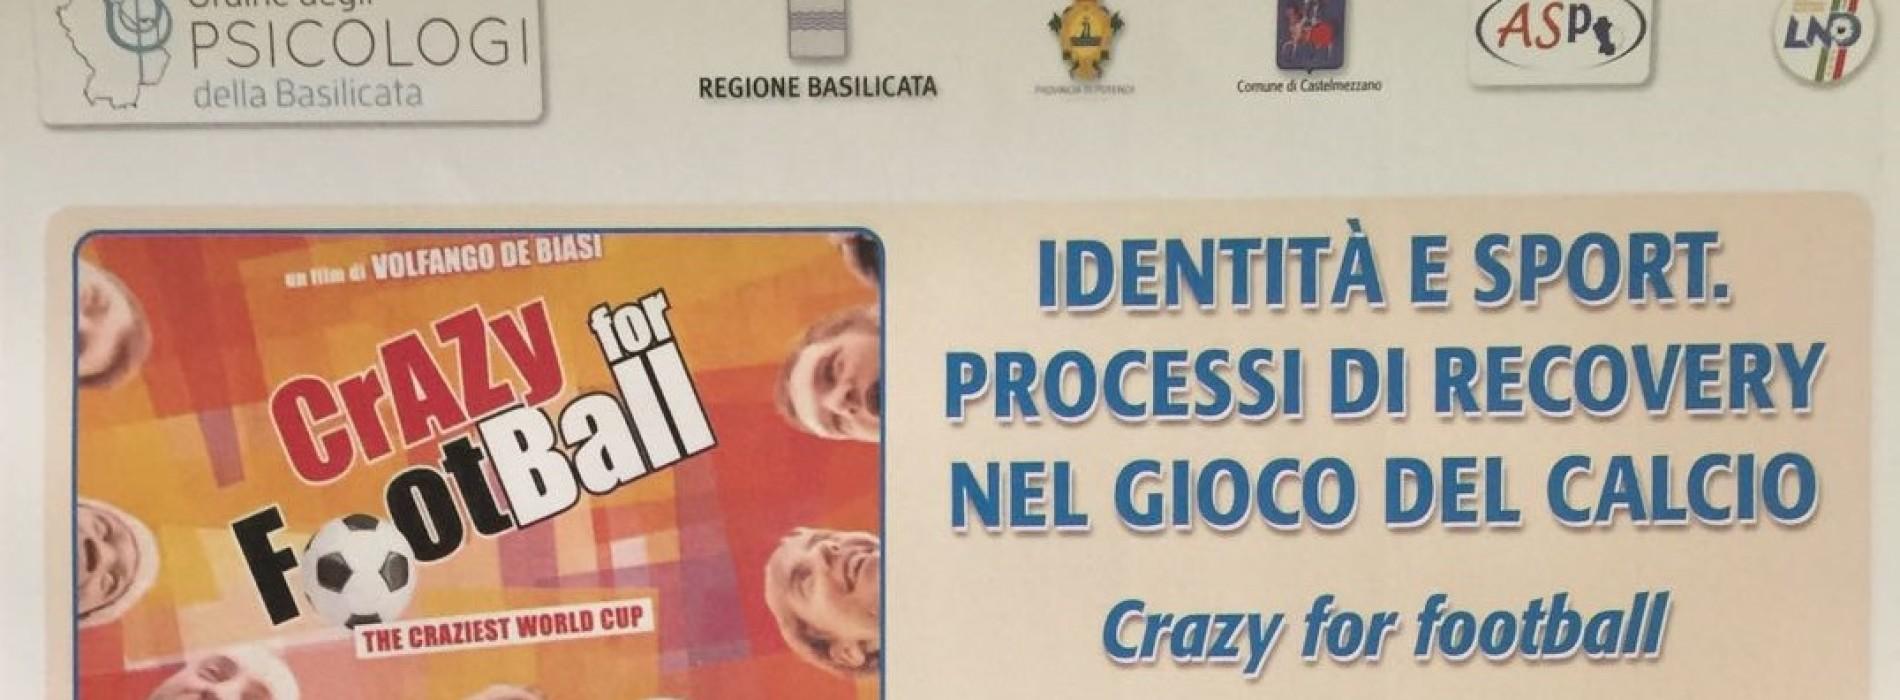 Identità e sport. Processi di ricovery nel gioco del calcio. Convegno a Potenza